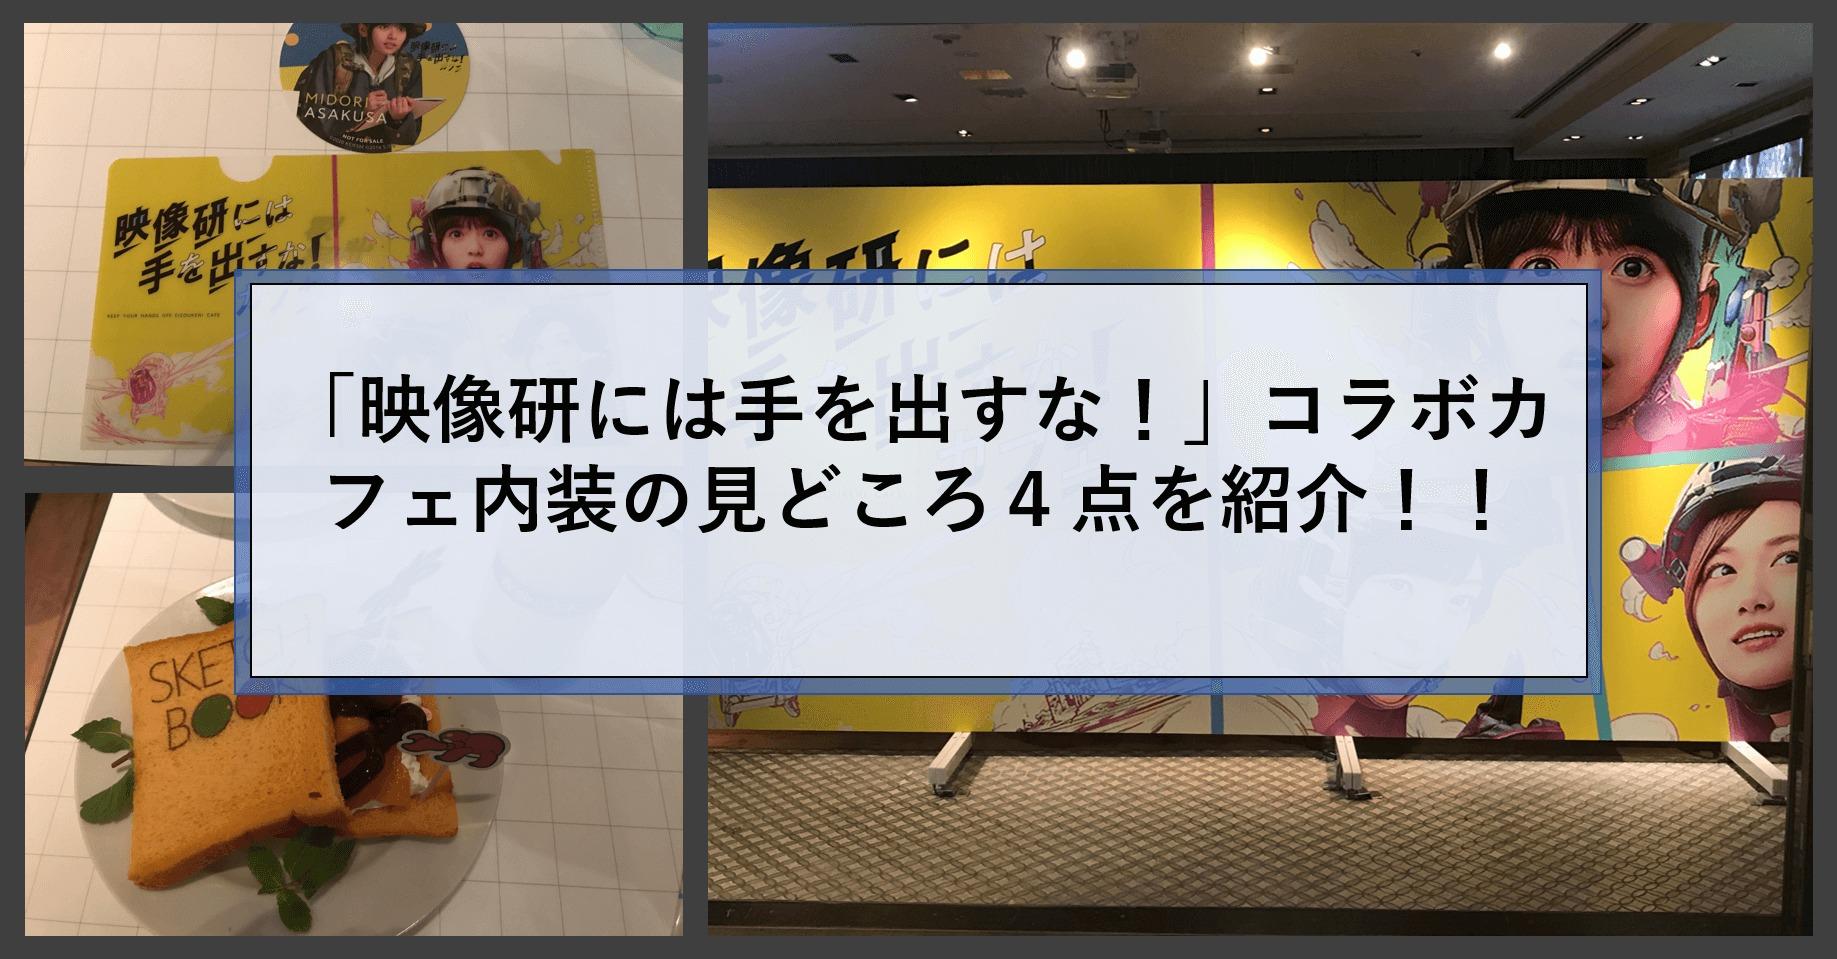 【必見】コラボメニューだけじゃない!カフェ内装の見どころ4点を紹介!!